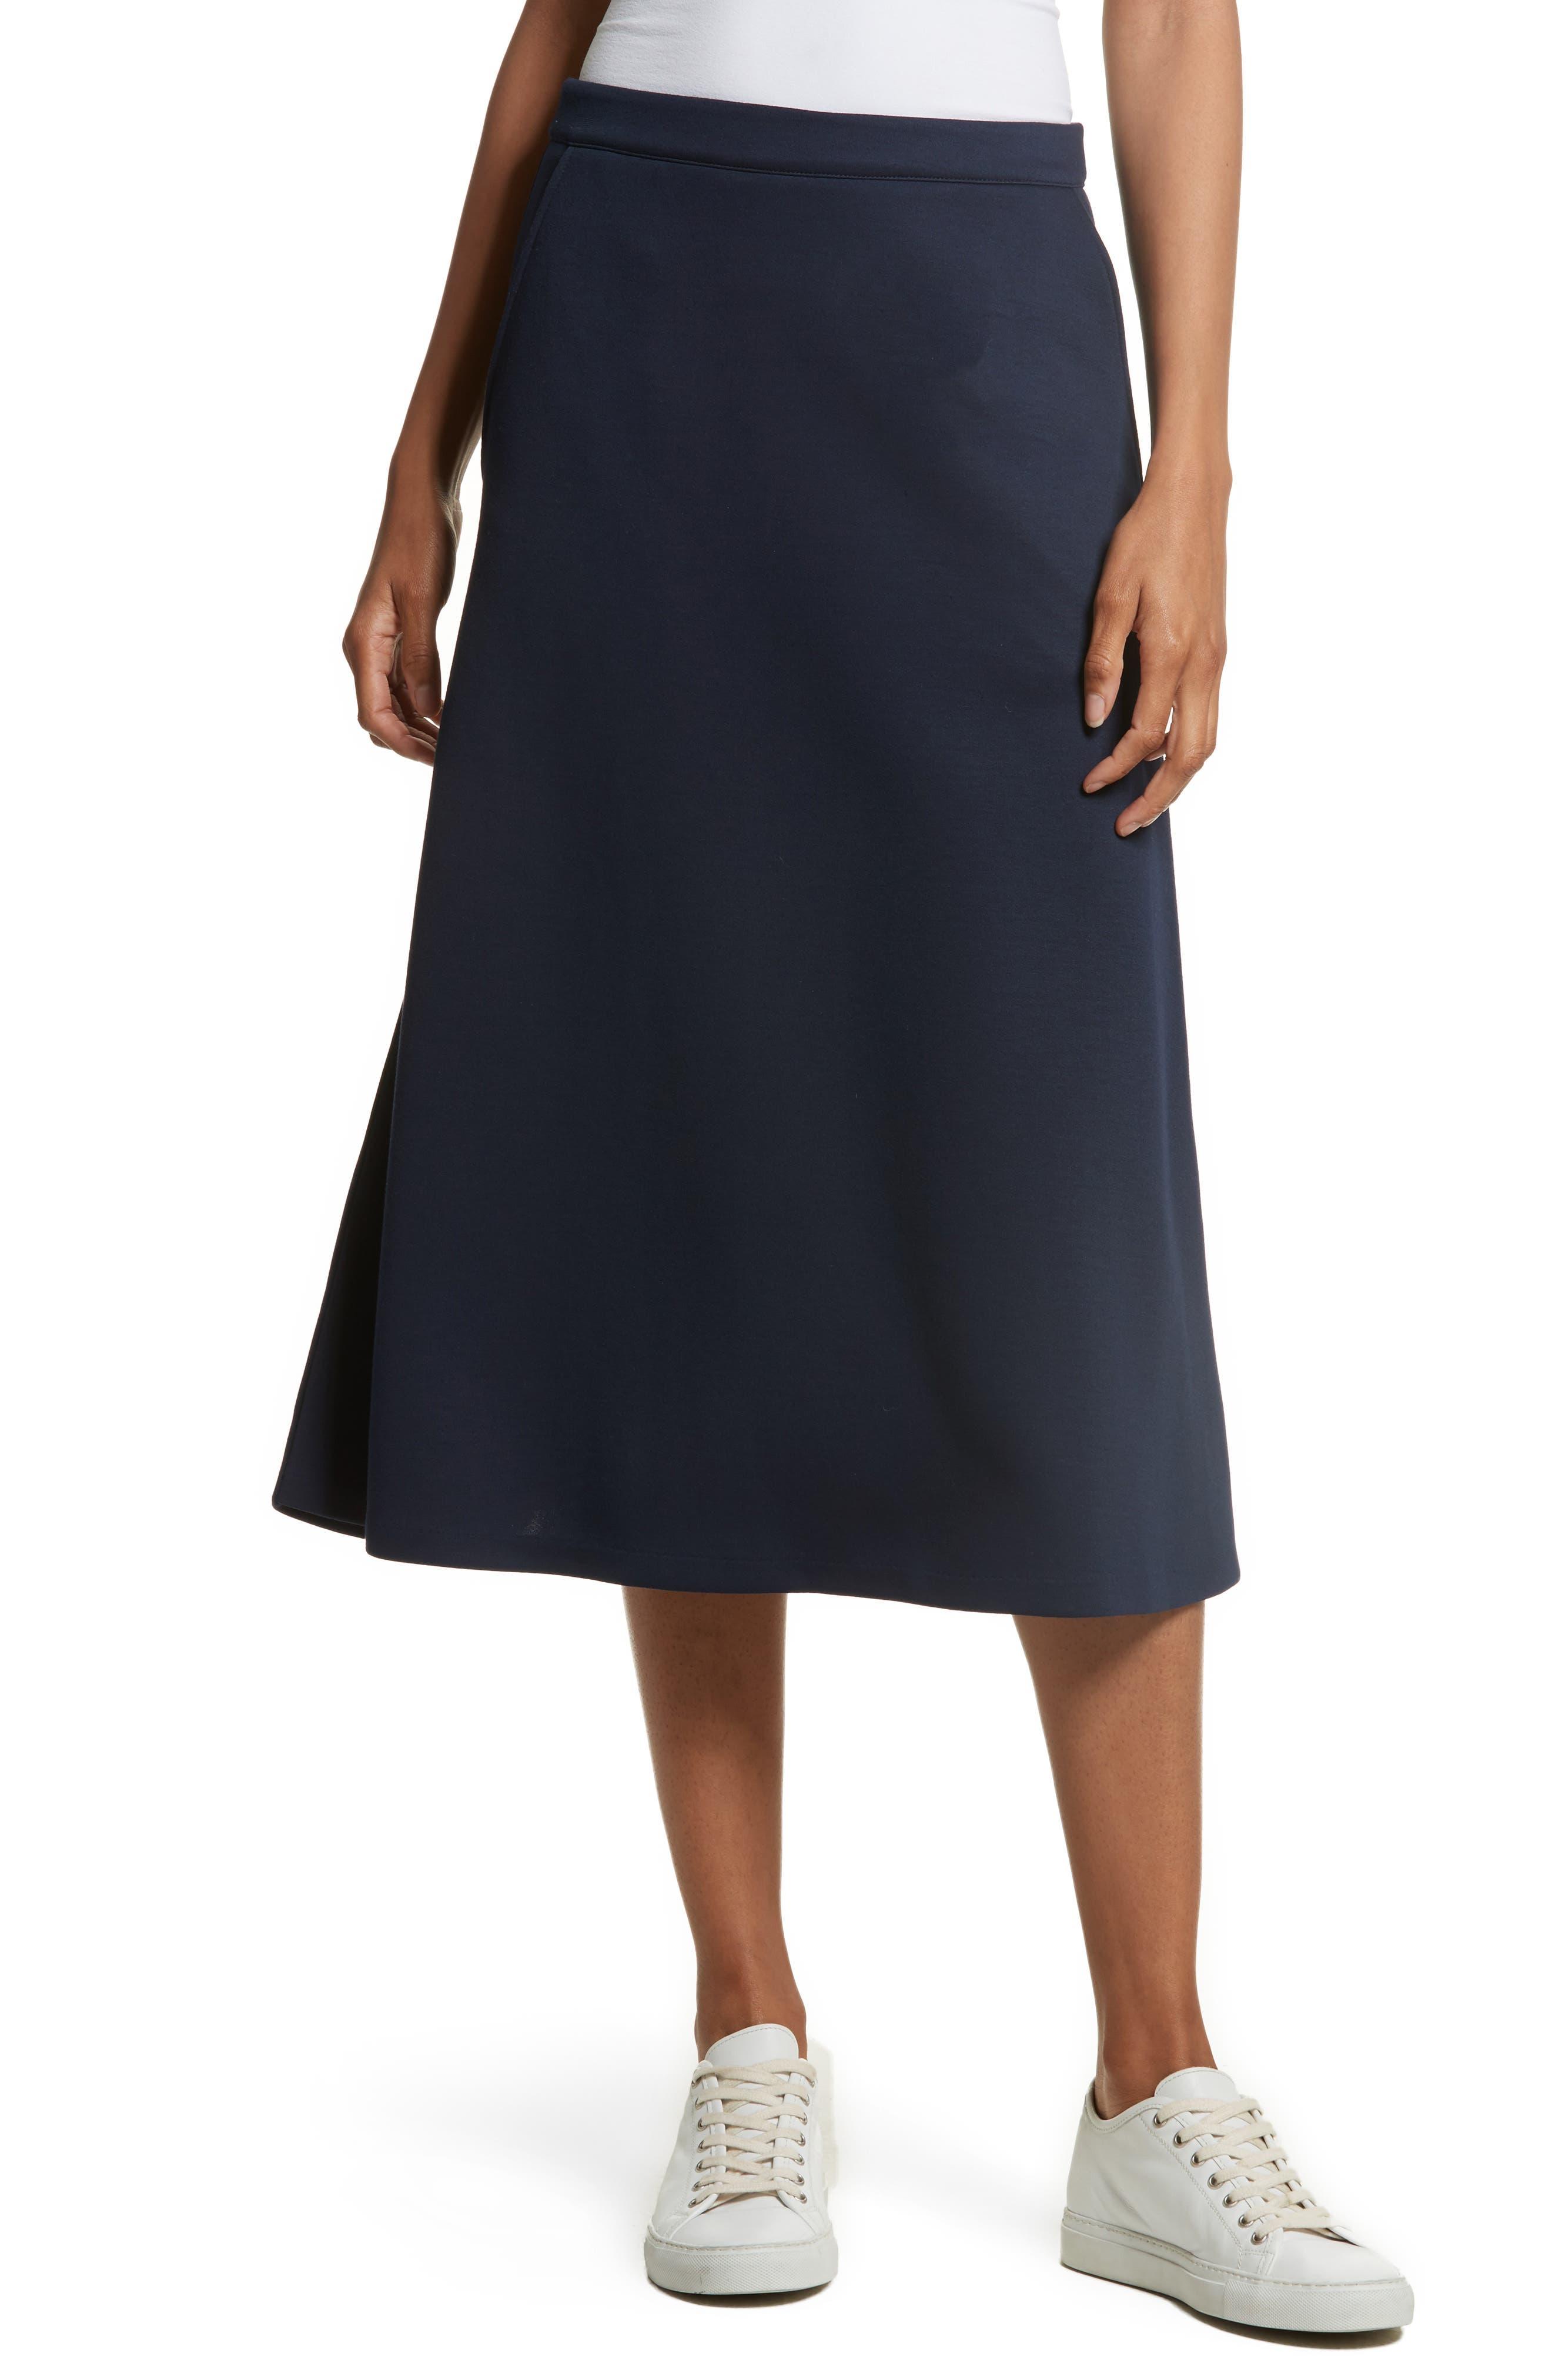 Alternate Image 1 Selected - être cécile A-Line Midi Skirt